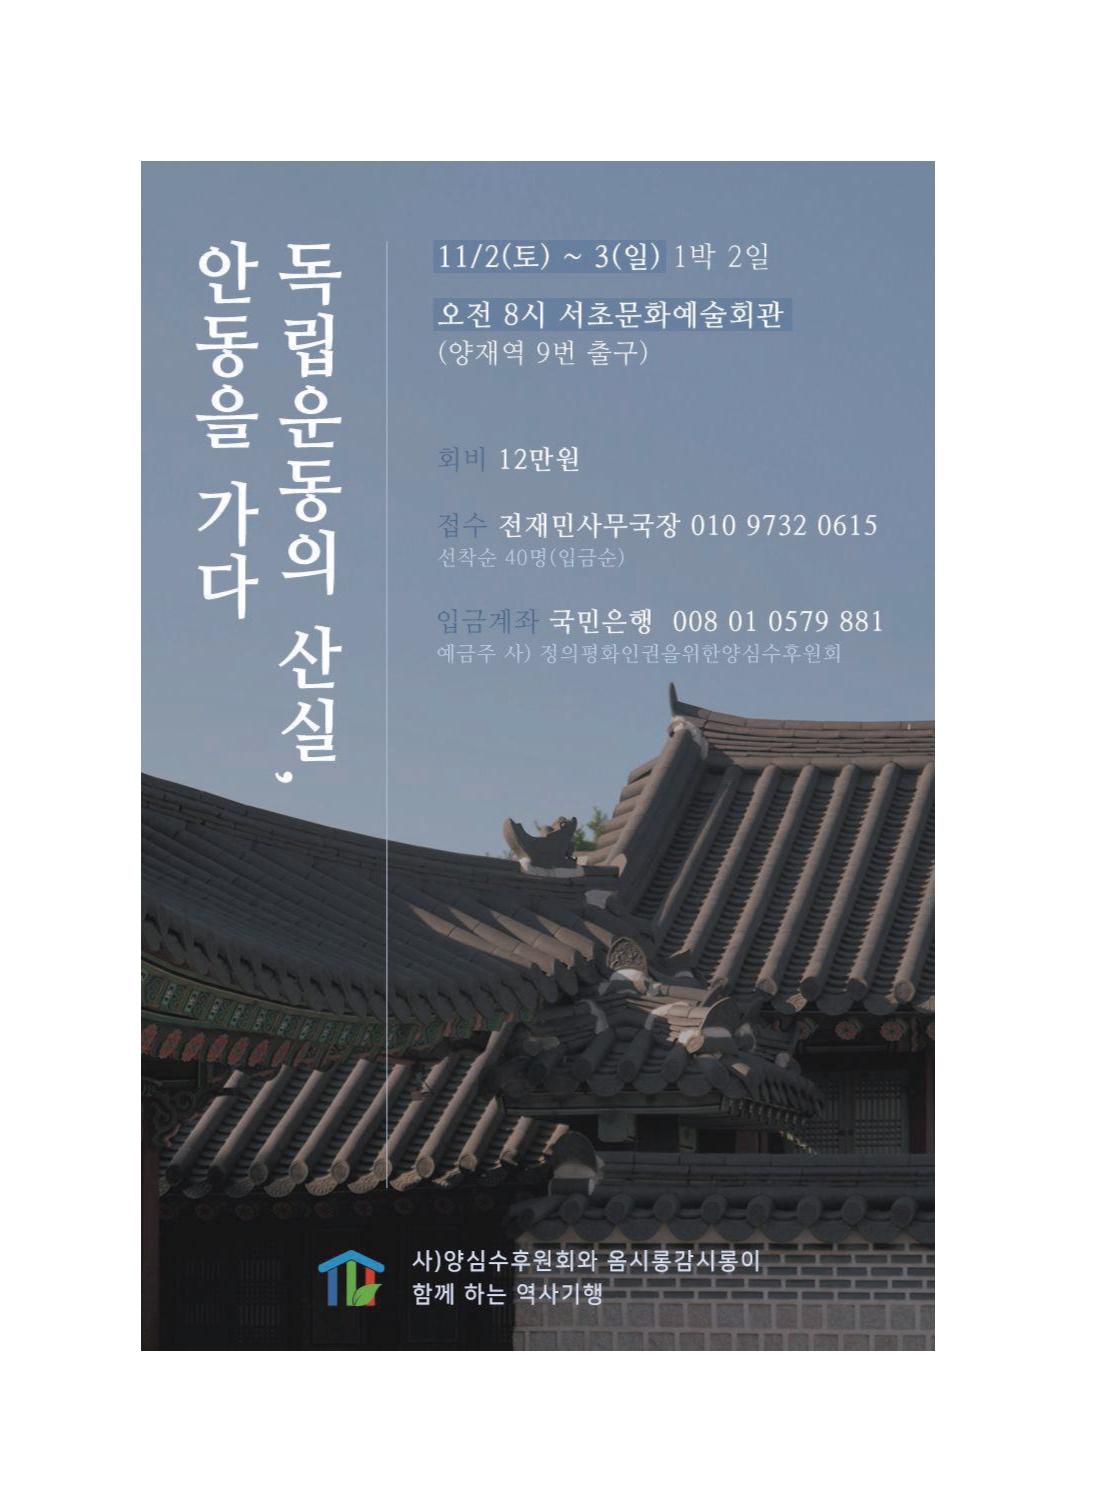 154780e2-c93e-4795-937d-bbcc14642e29.pdf-0002.jpg